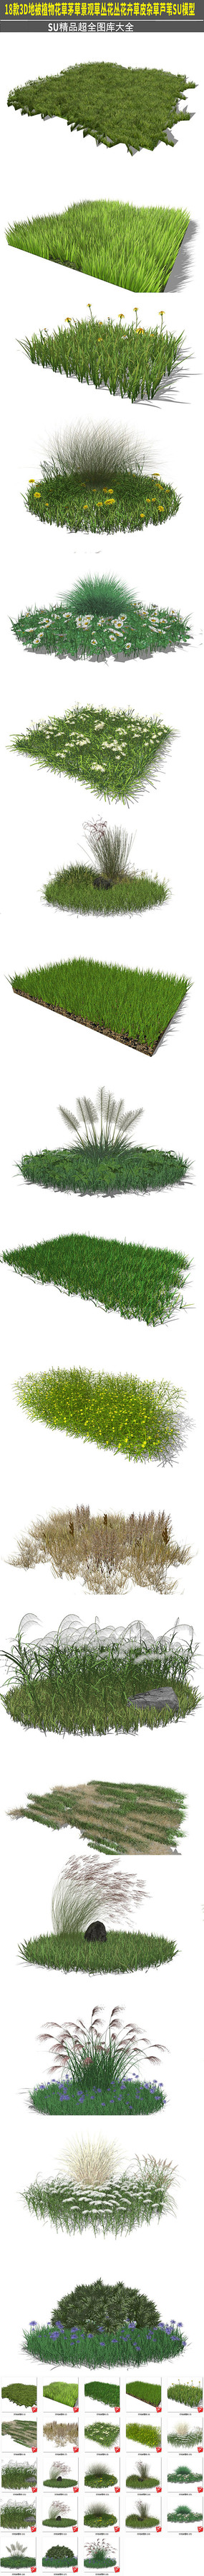 地被植物草皮花草模型